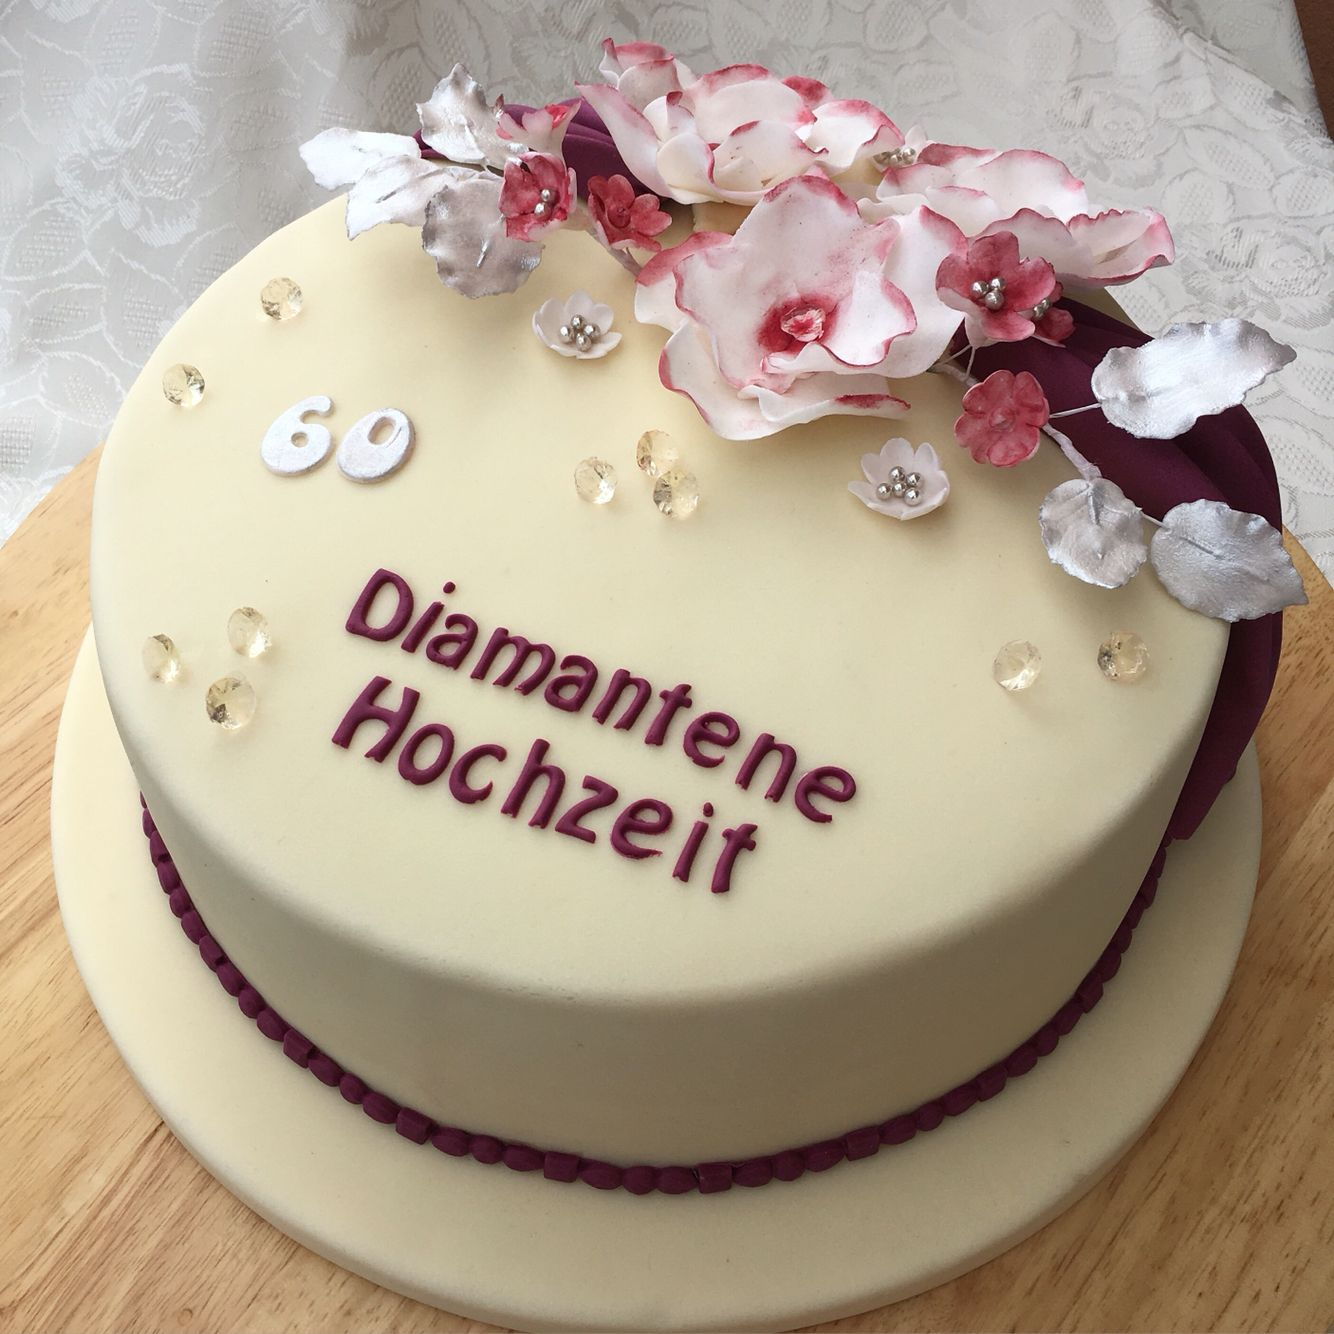 Heute Zum Valentinstag Wird Auch Eine Diamantene Hochzeit Gefeiert Auf Der Kaffeetafel Gab Es Dann Eine Torte Mit Diamantene Hochzeit Hochzeit Hochzeit Feiern